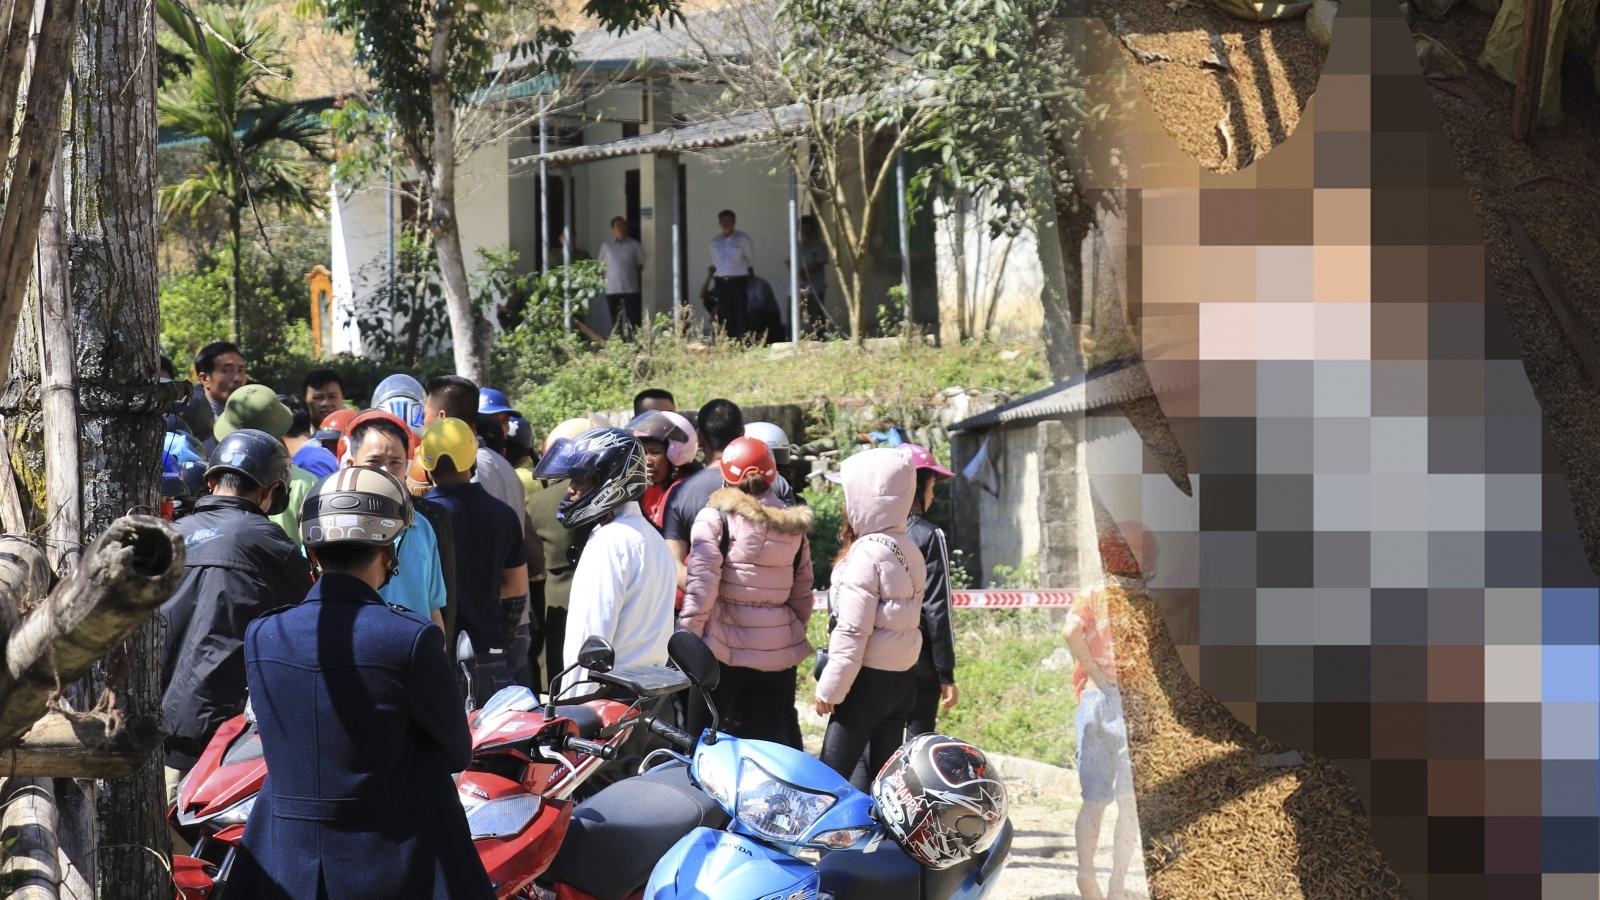 Phiên tòa phúc thẩm vụ án sát hại nữ sinh giao gà sẽ diễn ra vào 16/6